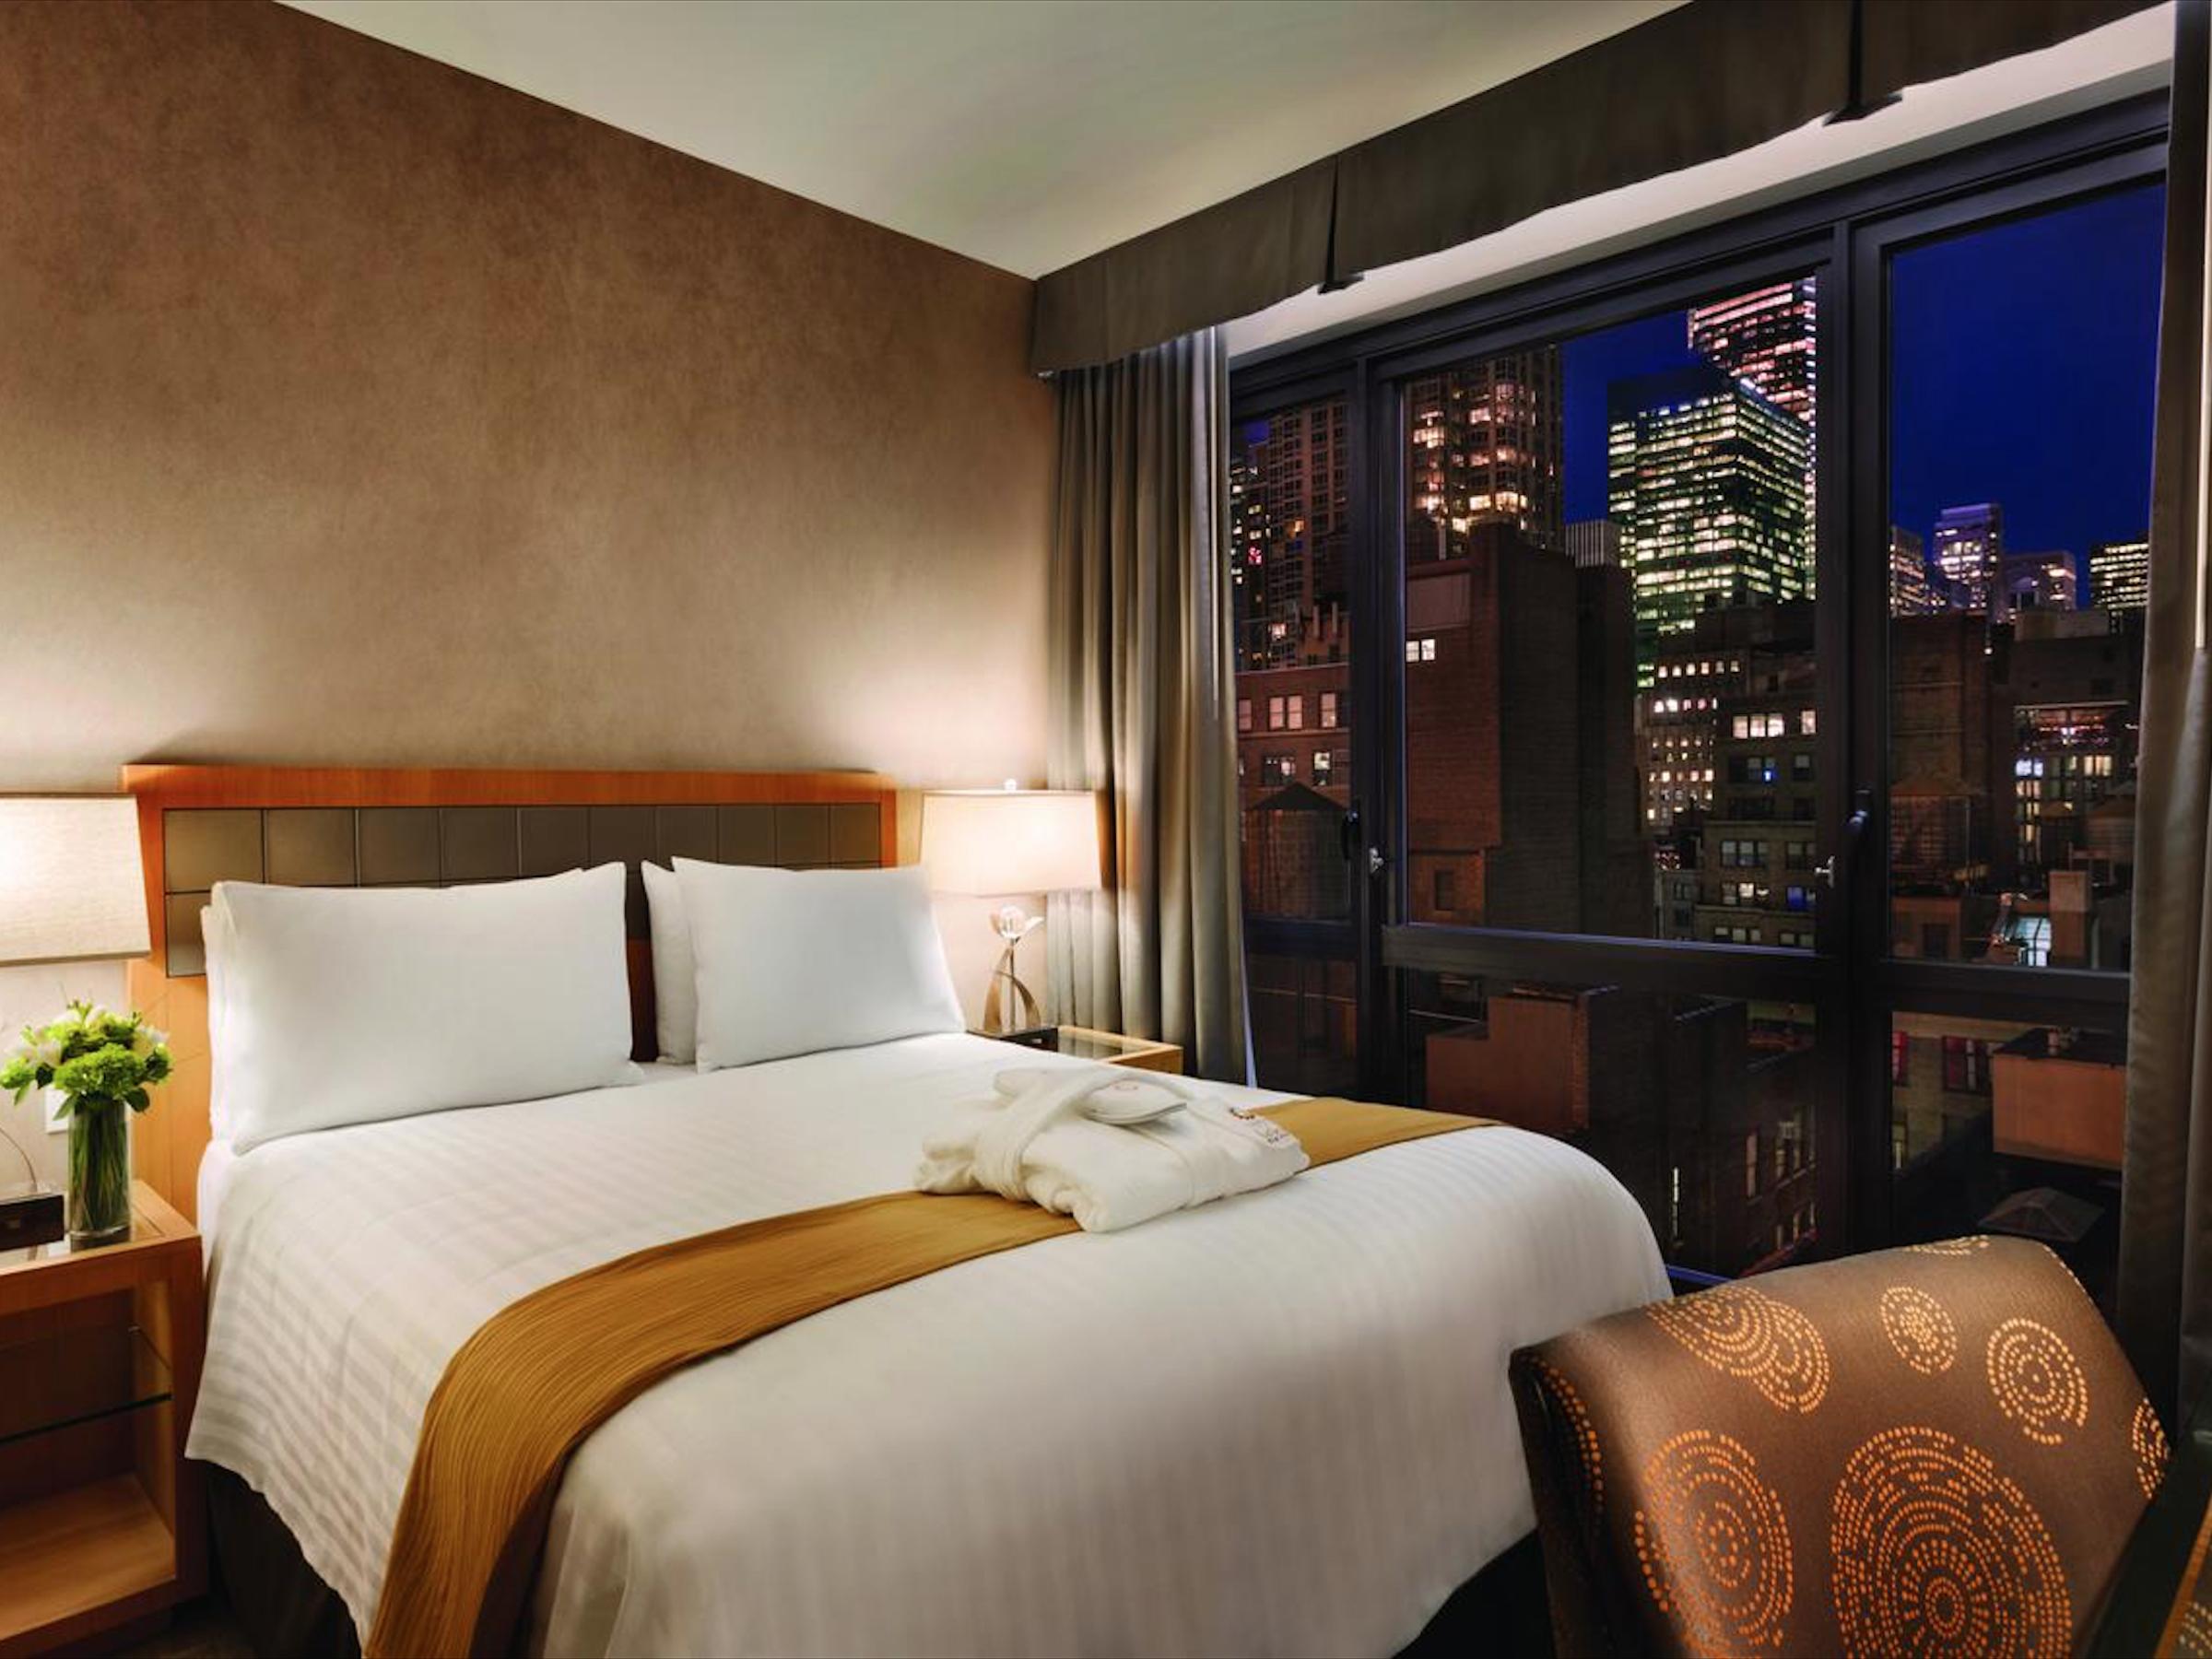 Executive Hotel Le Soleil ✩✩✩✩ - Стандартный номер:От $160 за ночь(В зависимости от сезона)Район: Мидтаун